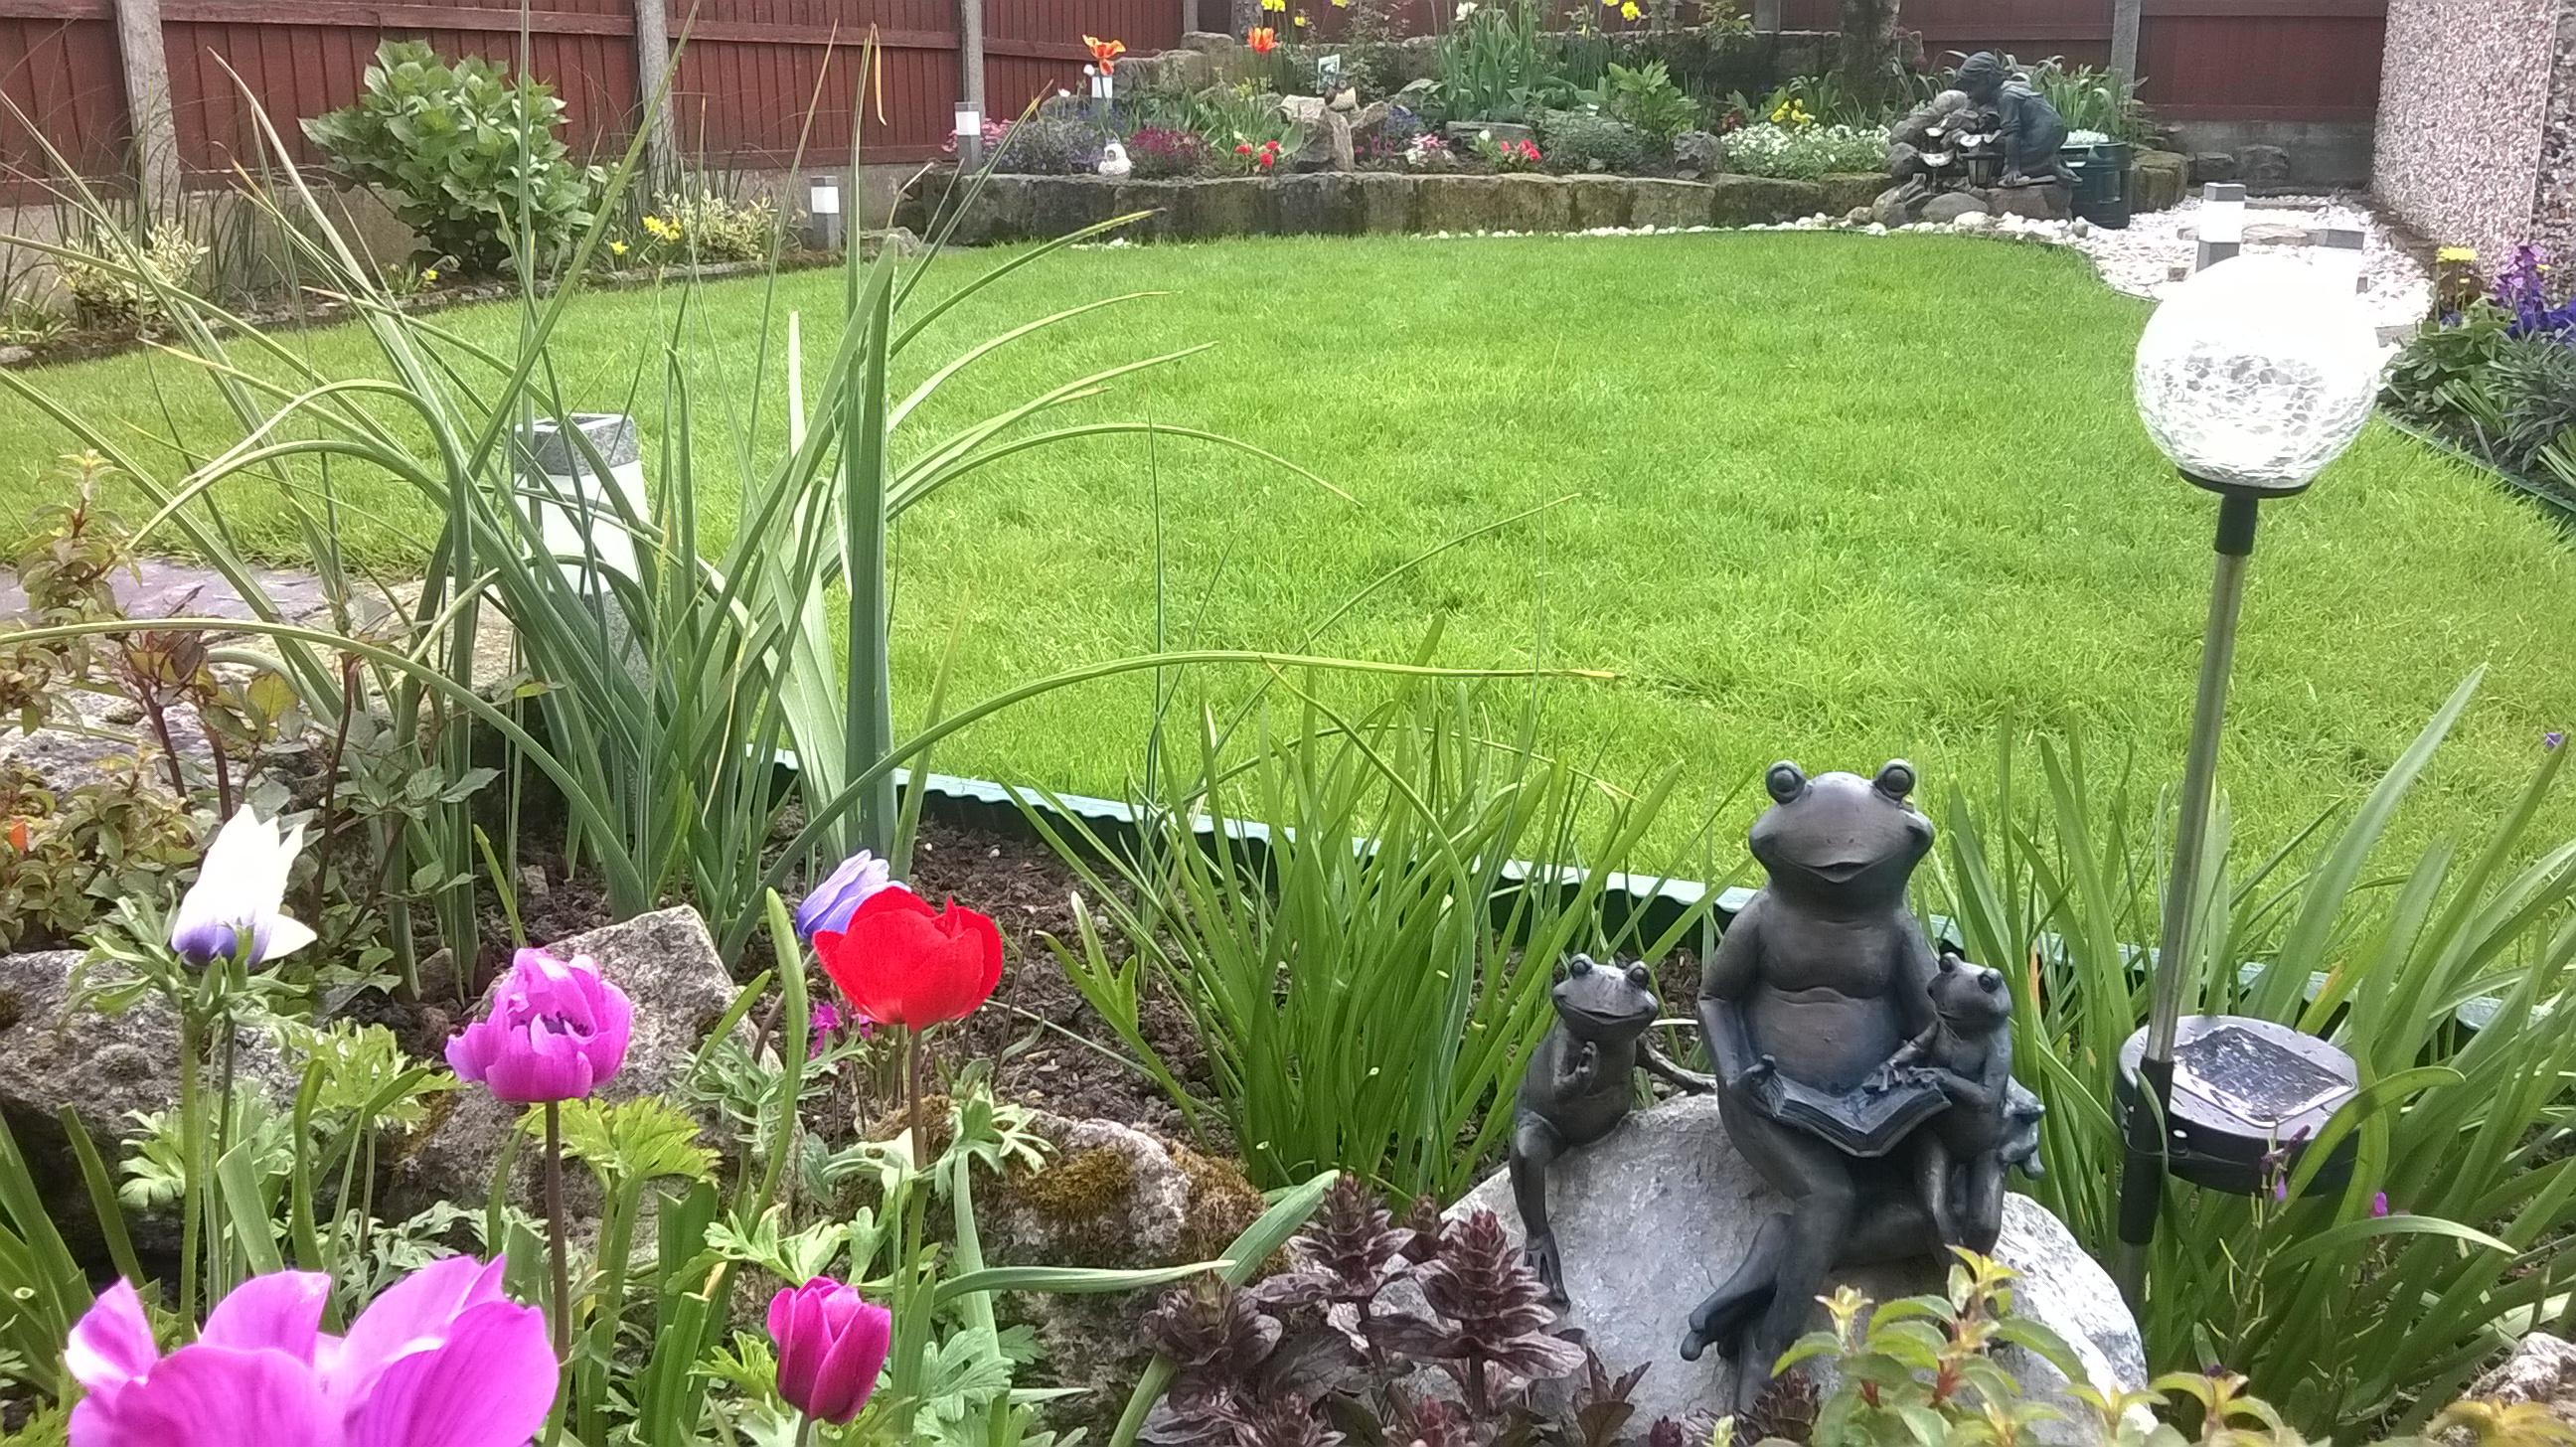 Frogs in Lawn